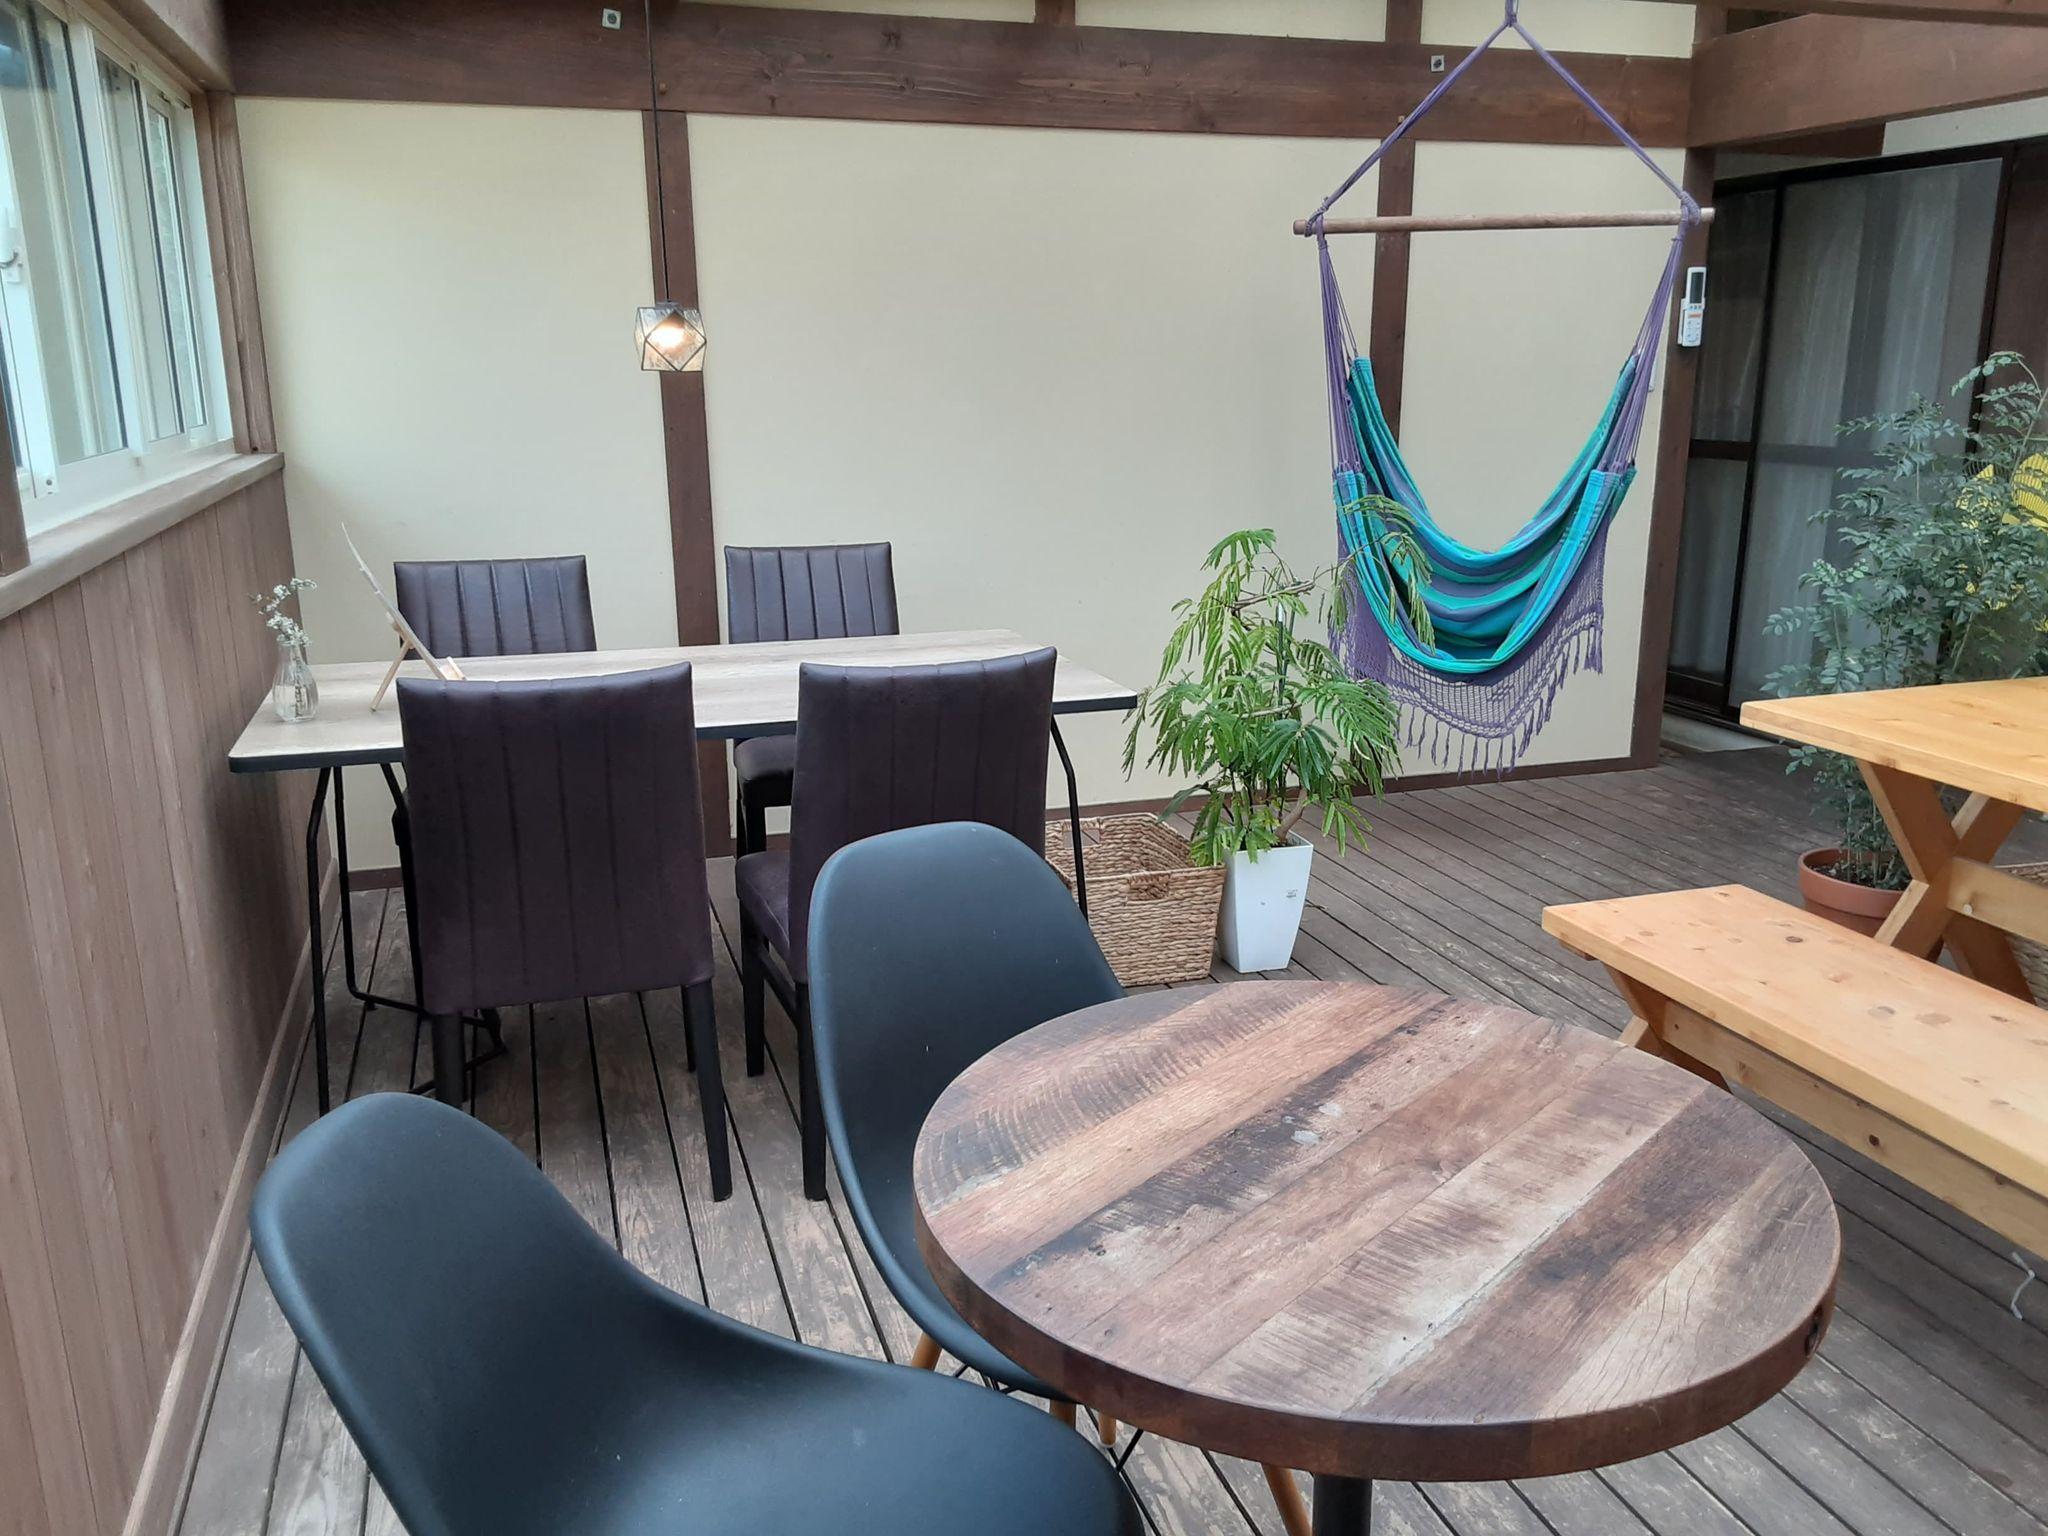 テラス席が素敵になりました♪ café ciel~シエル~情報!(お知らせ)2